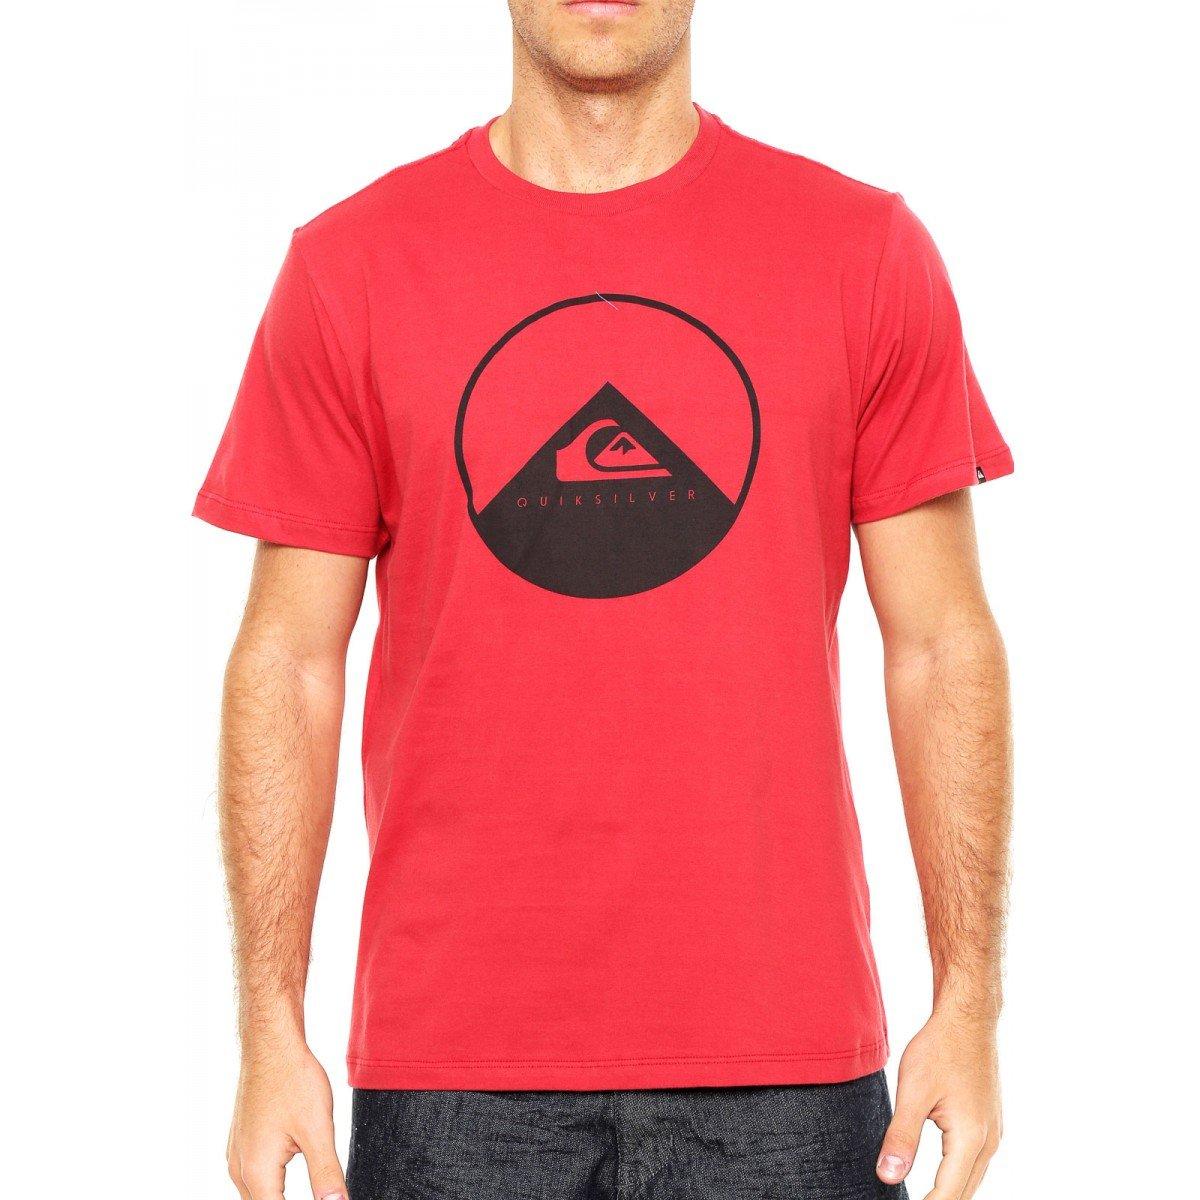 a585fba1ce Camiseta Quiksilver New Wave Vermelha - Compre Agora